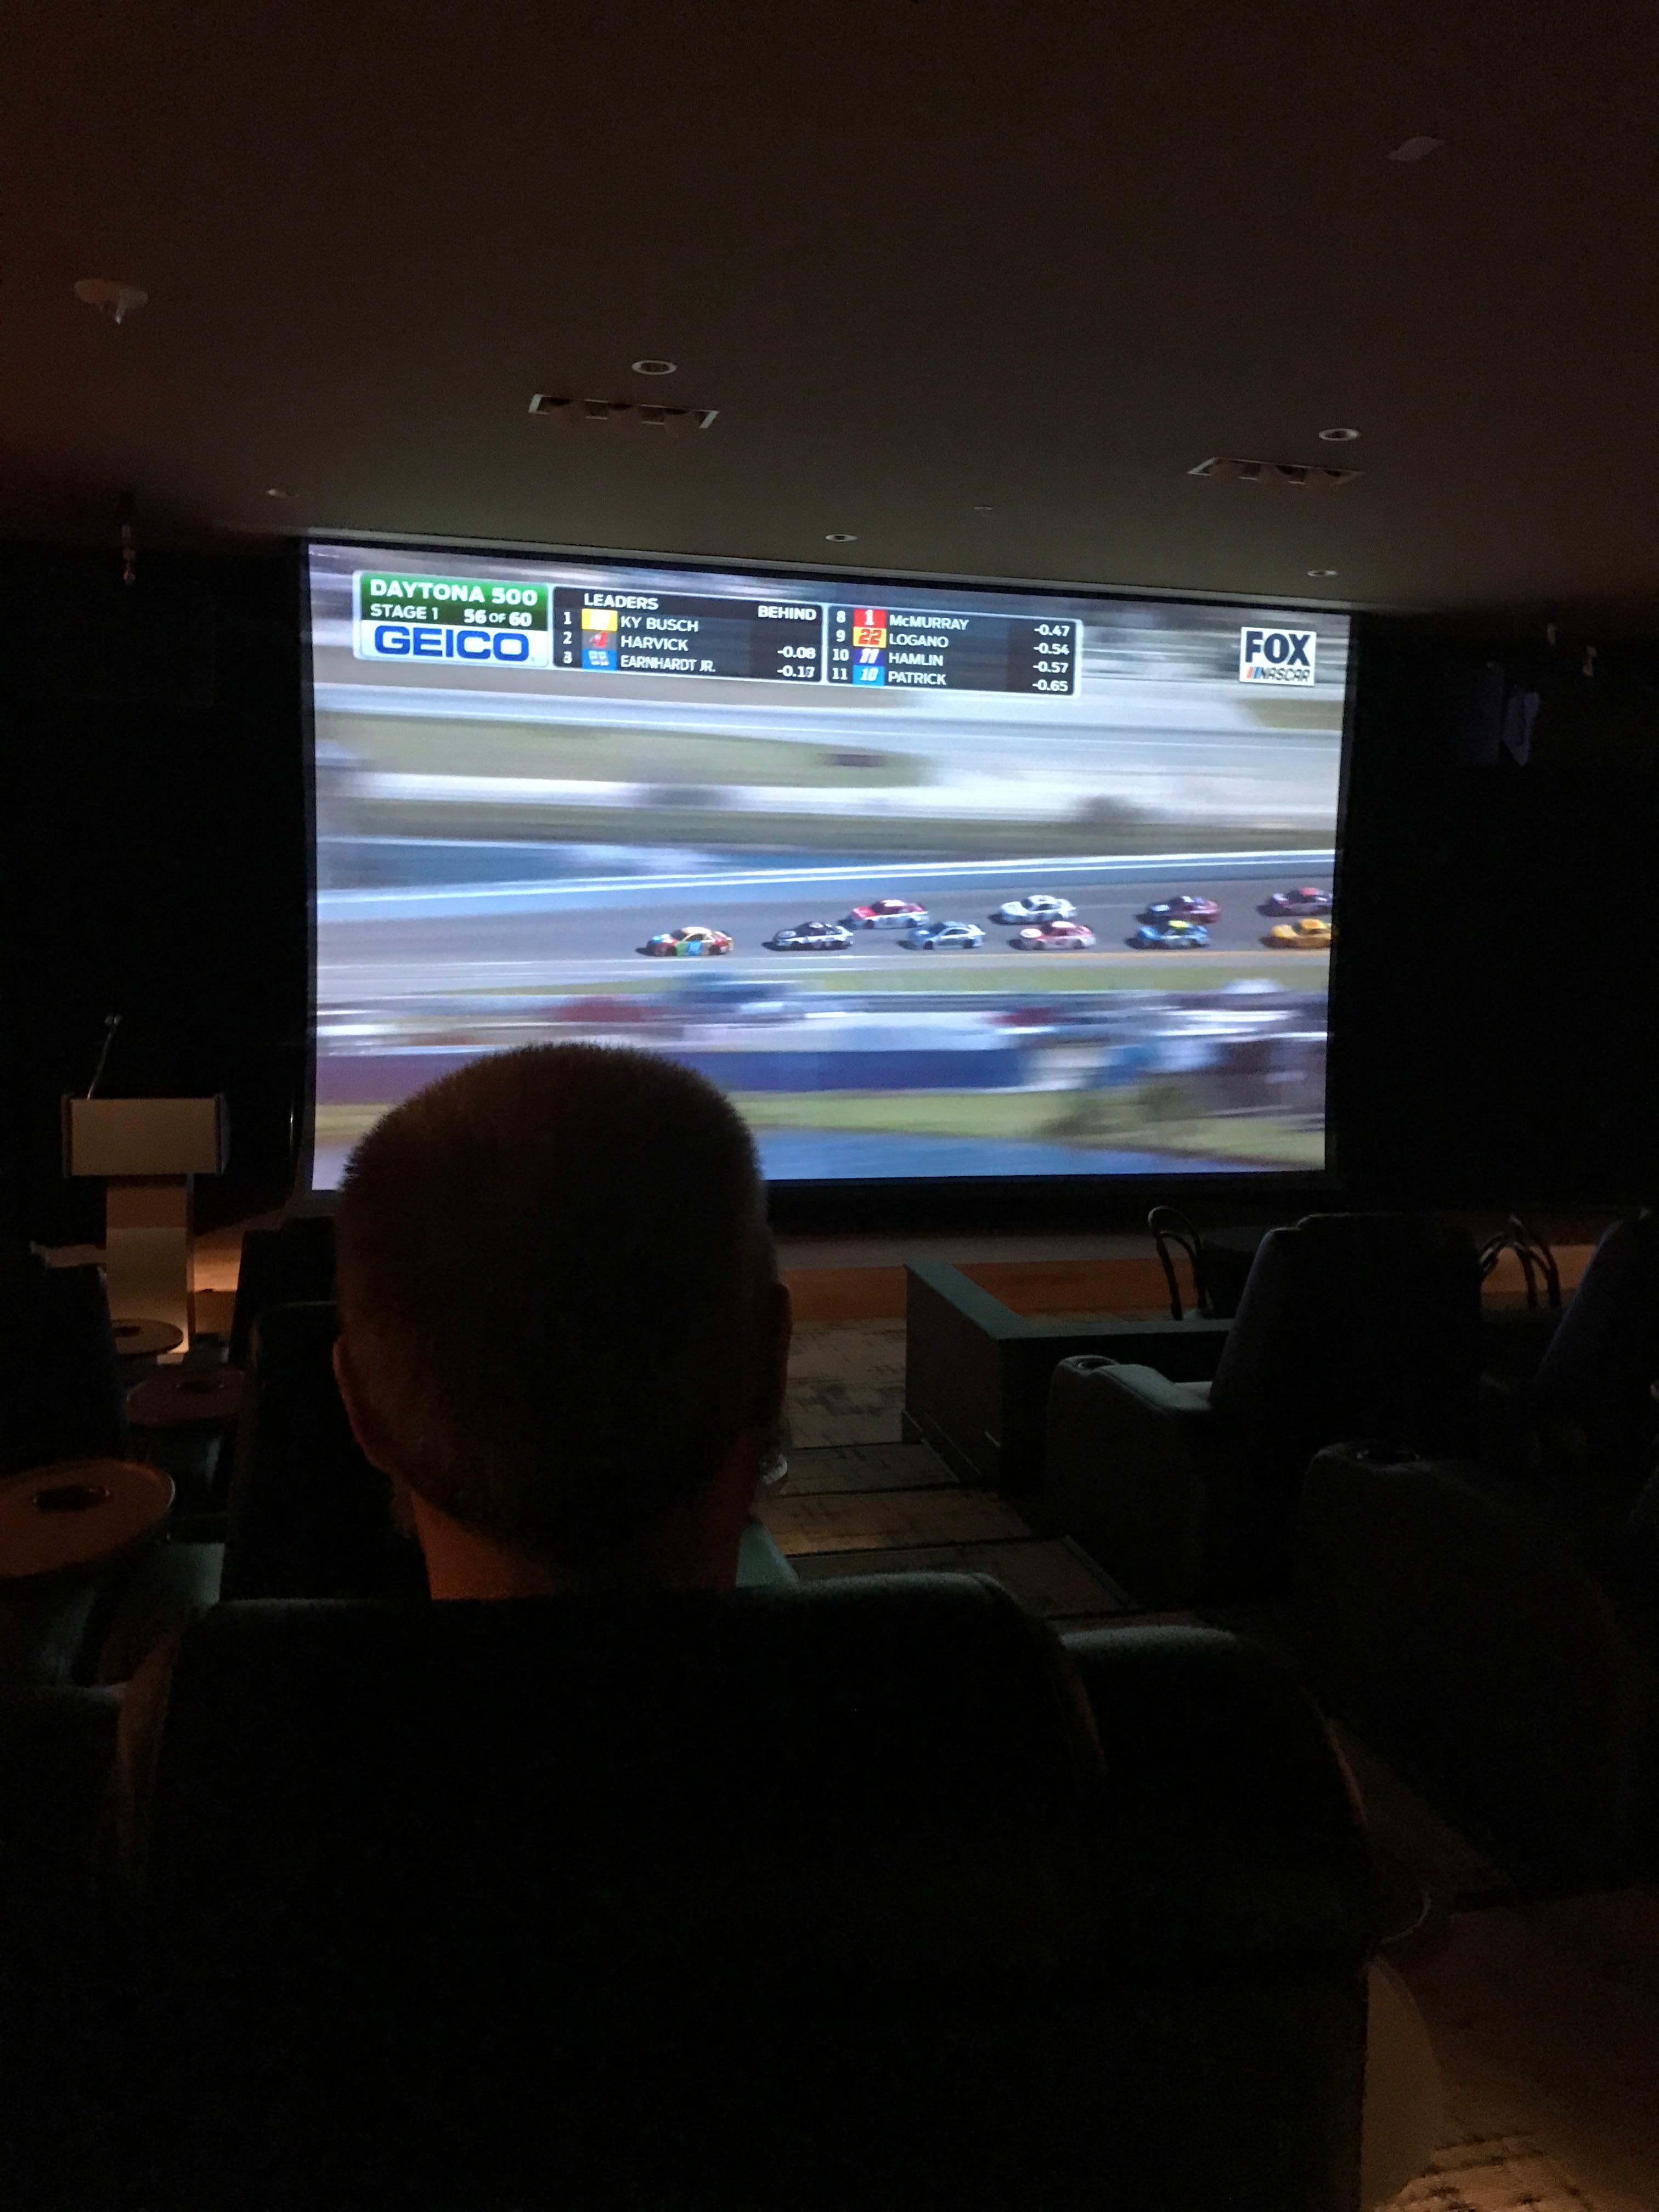 Daytona at the 9